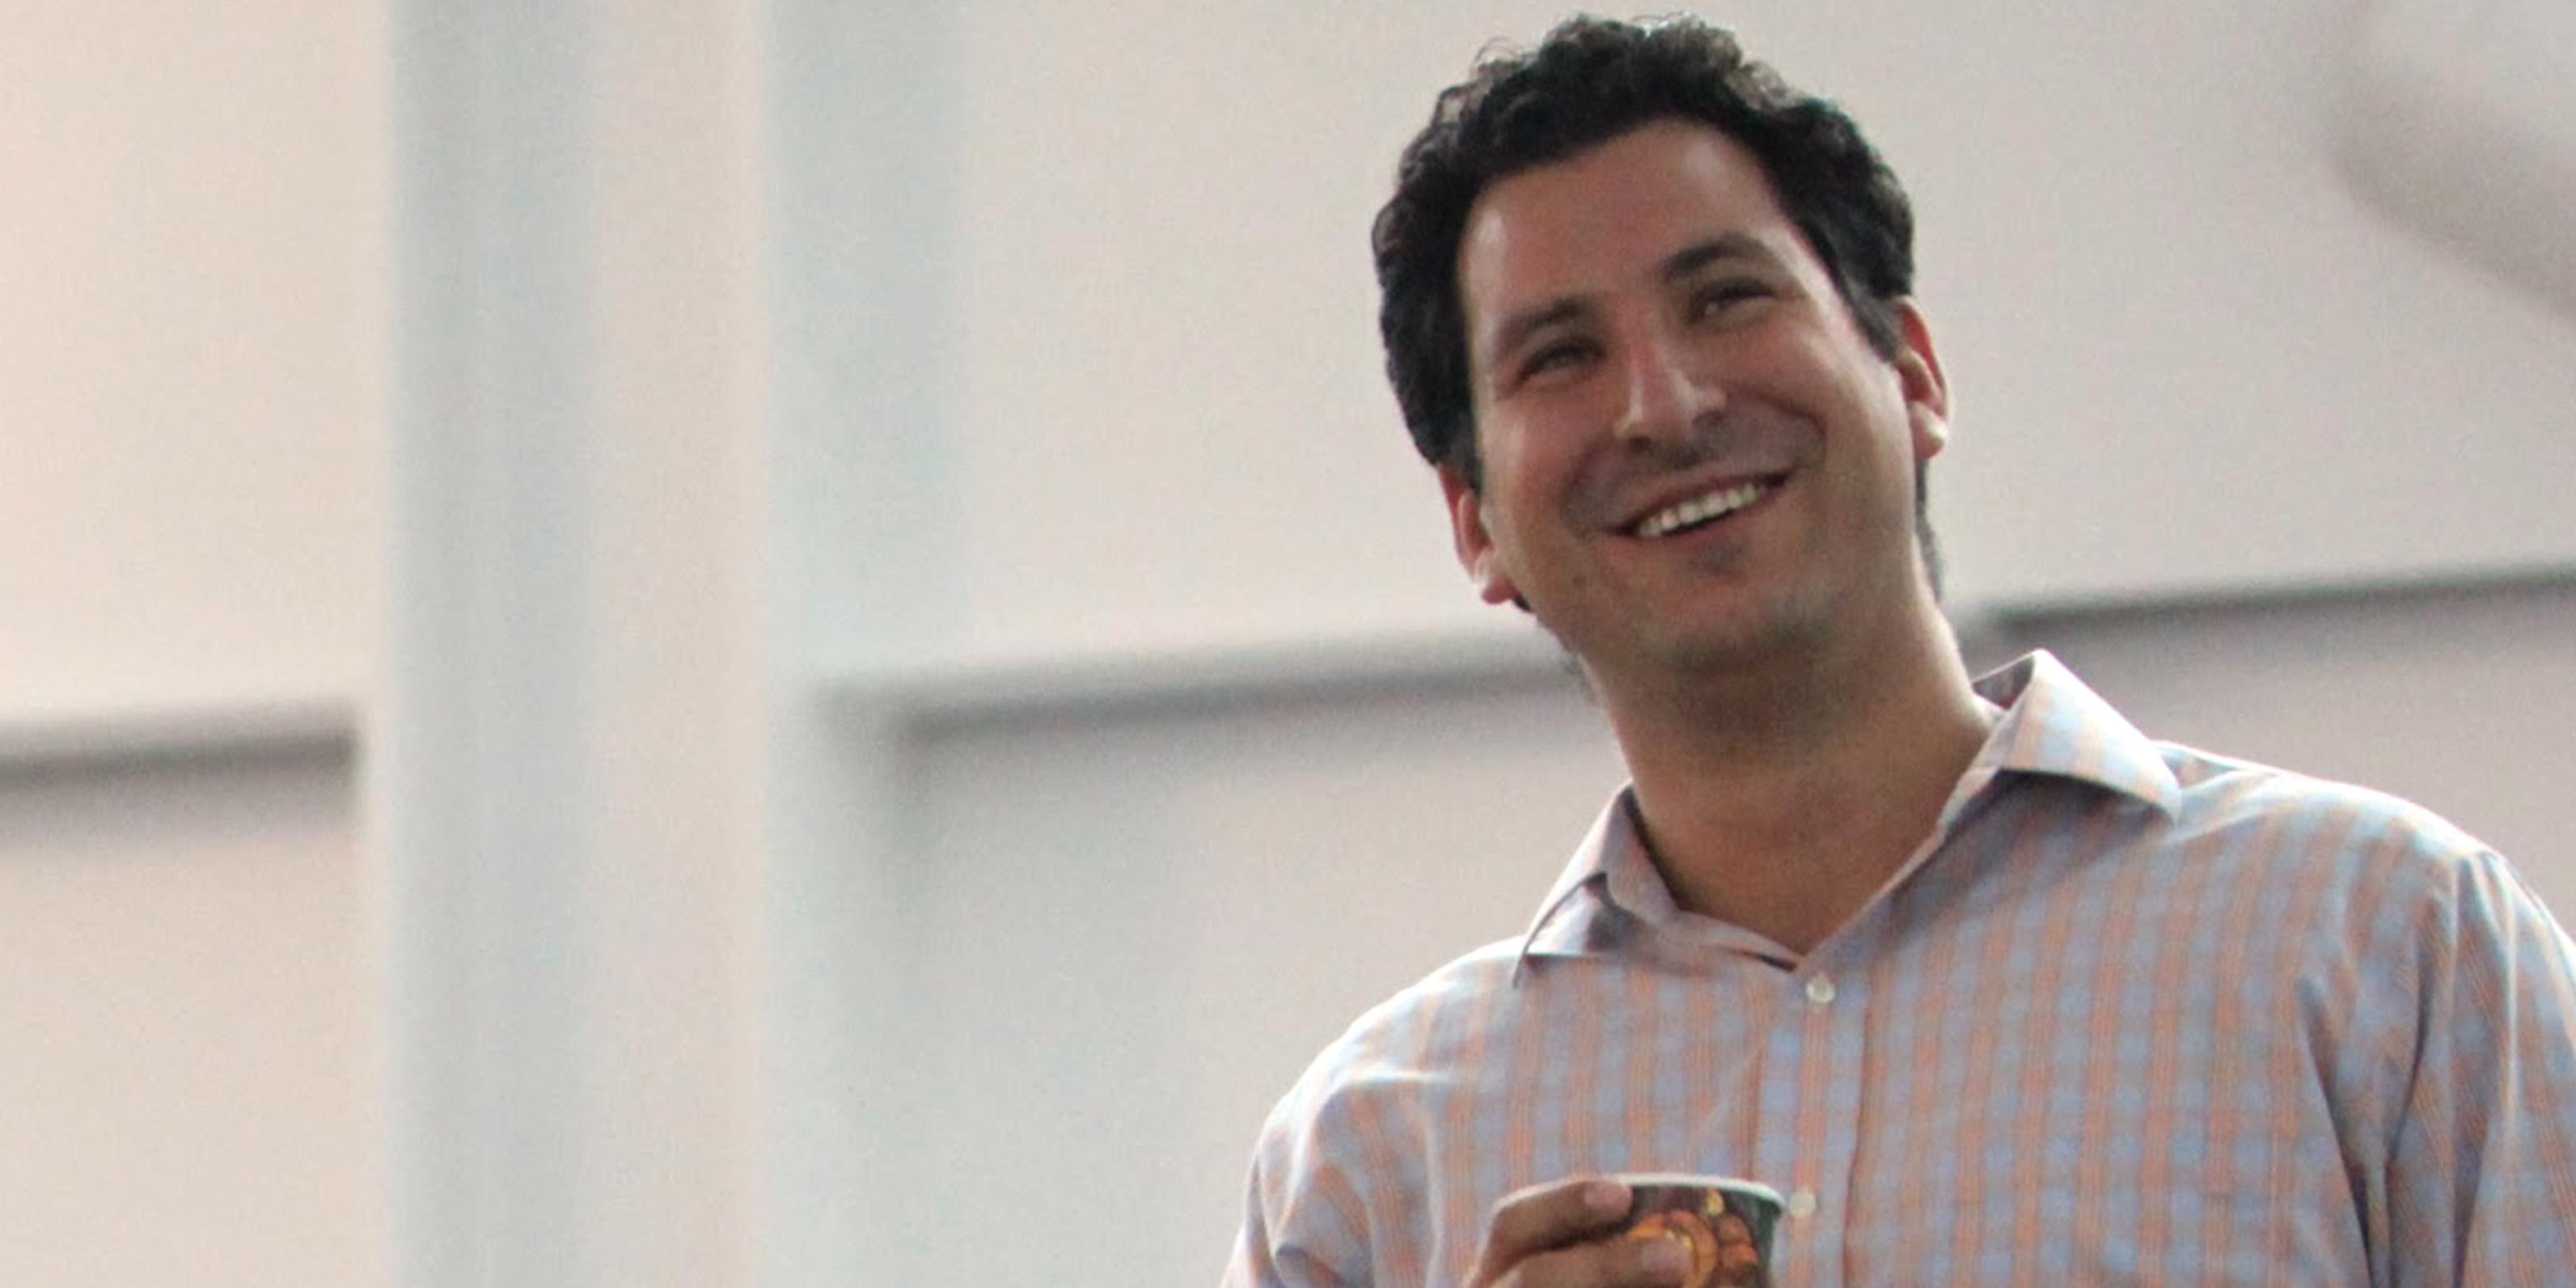 Noam Weissman - Principal, Shalhevet High School